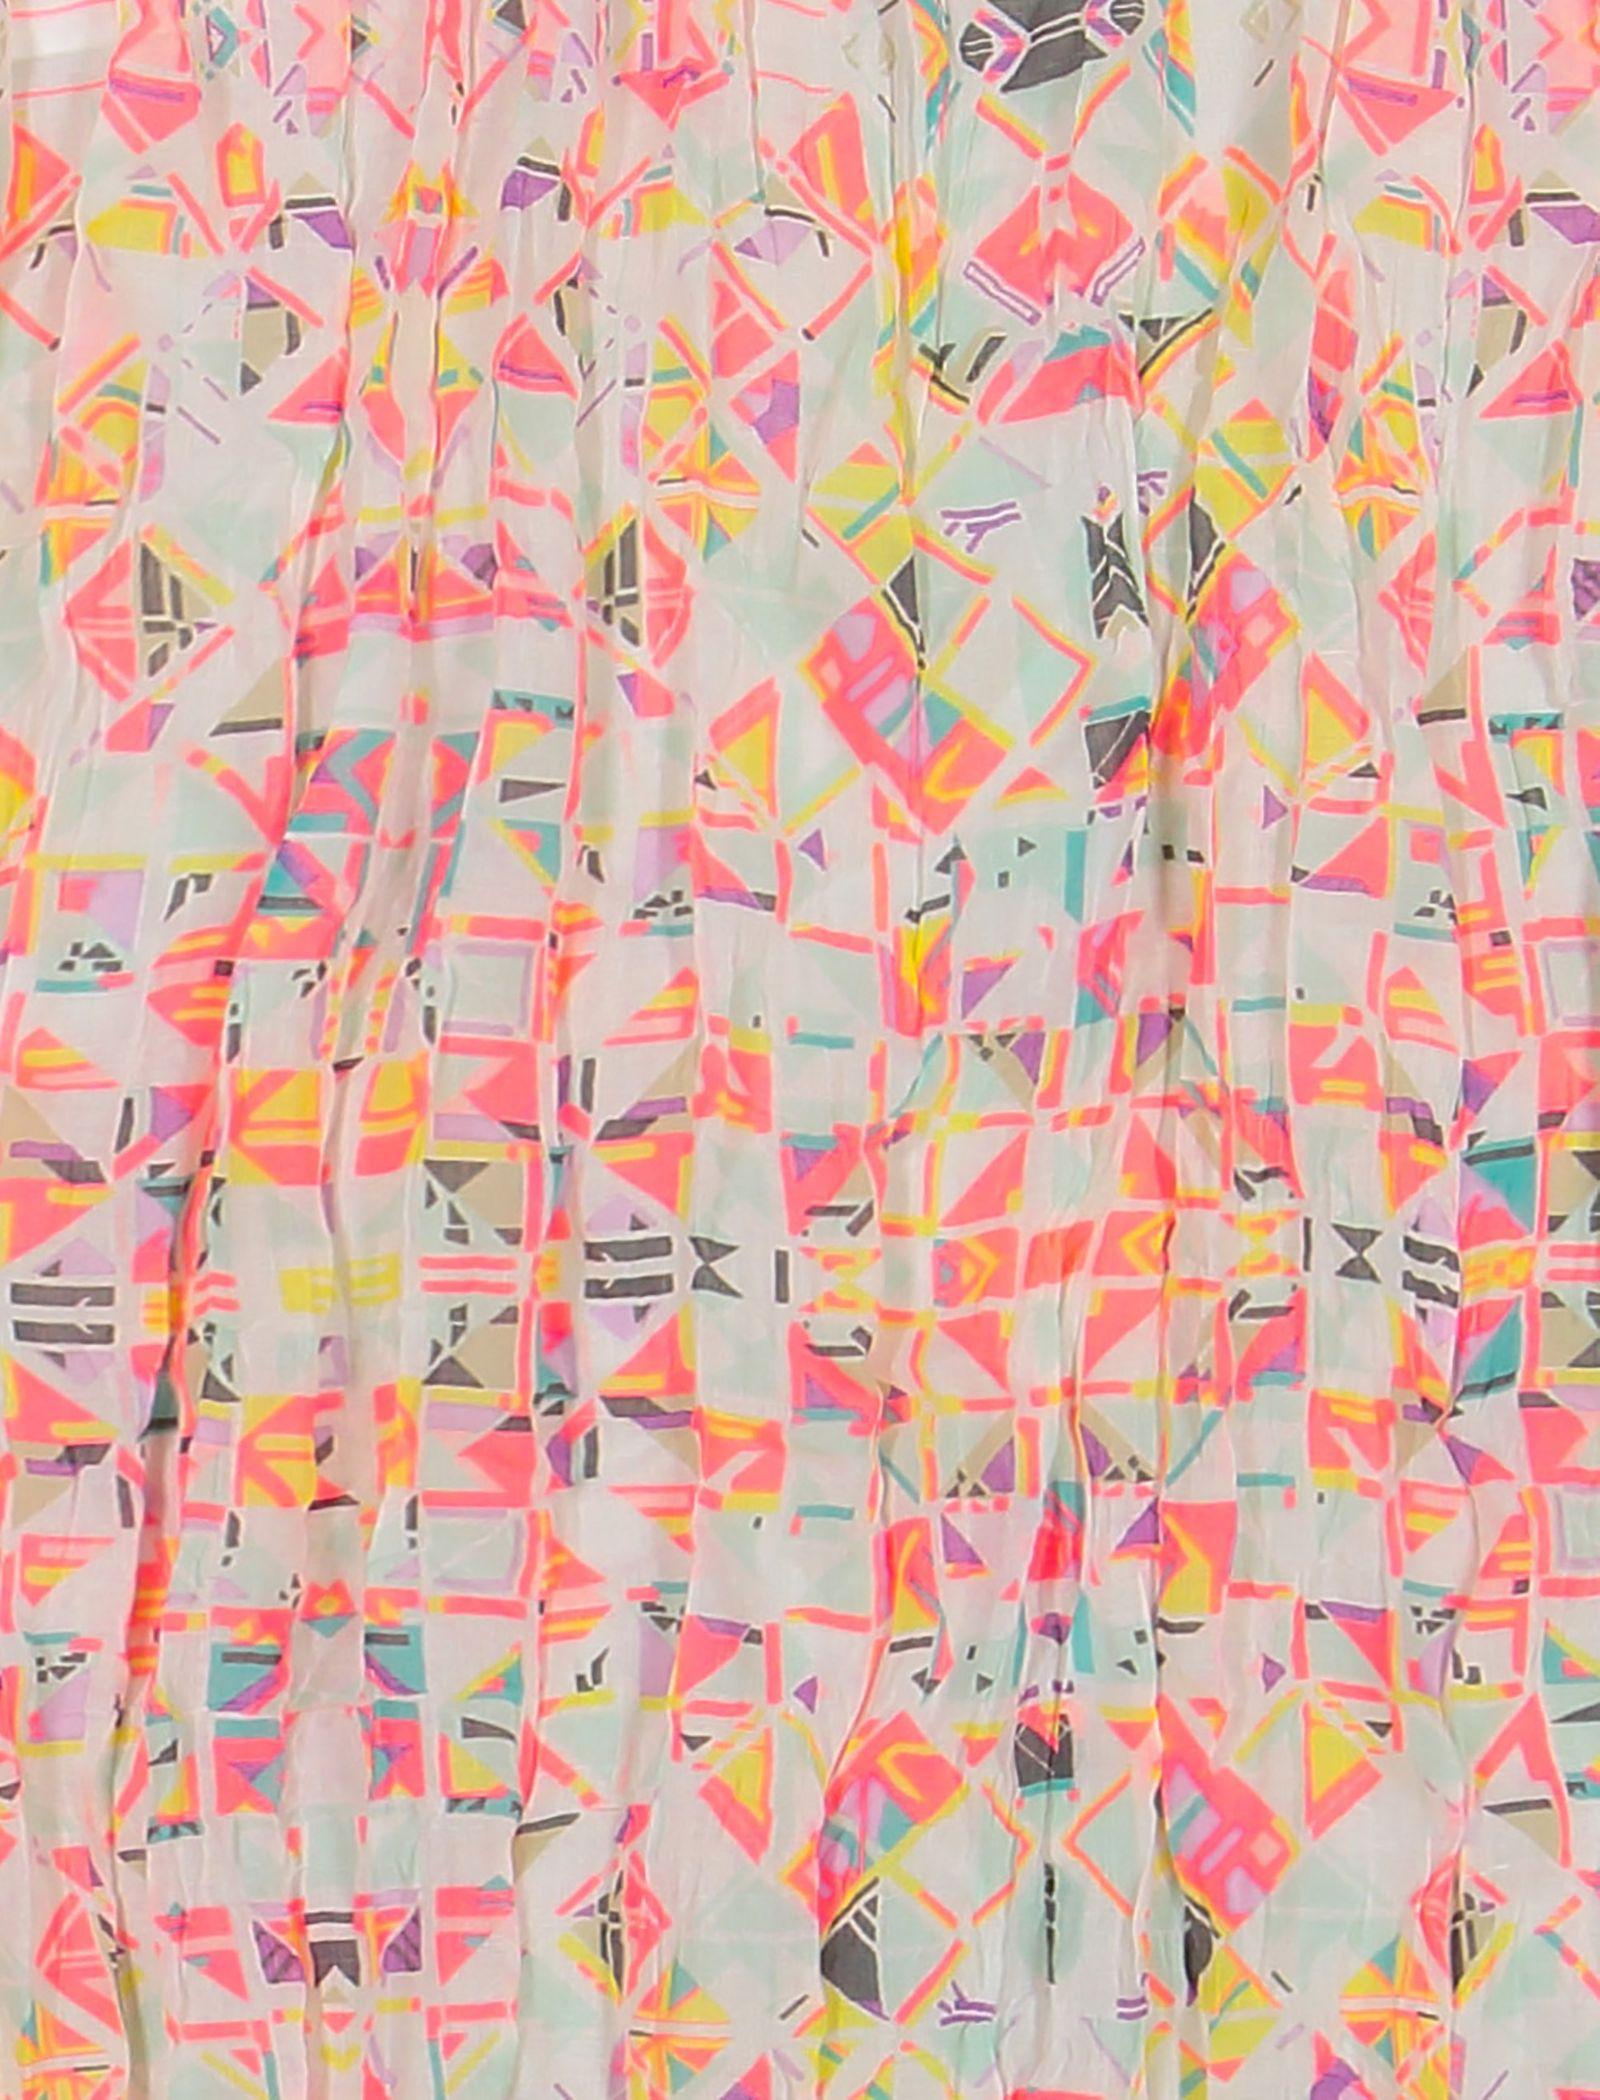 شال طرح دار زنانه - ال سی وایکیکی - صورتي - 4